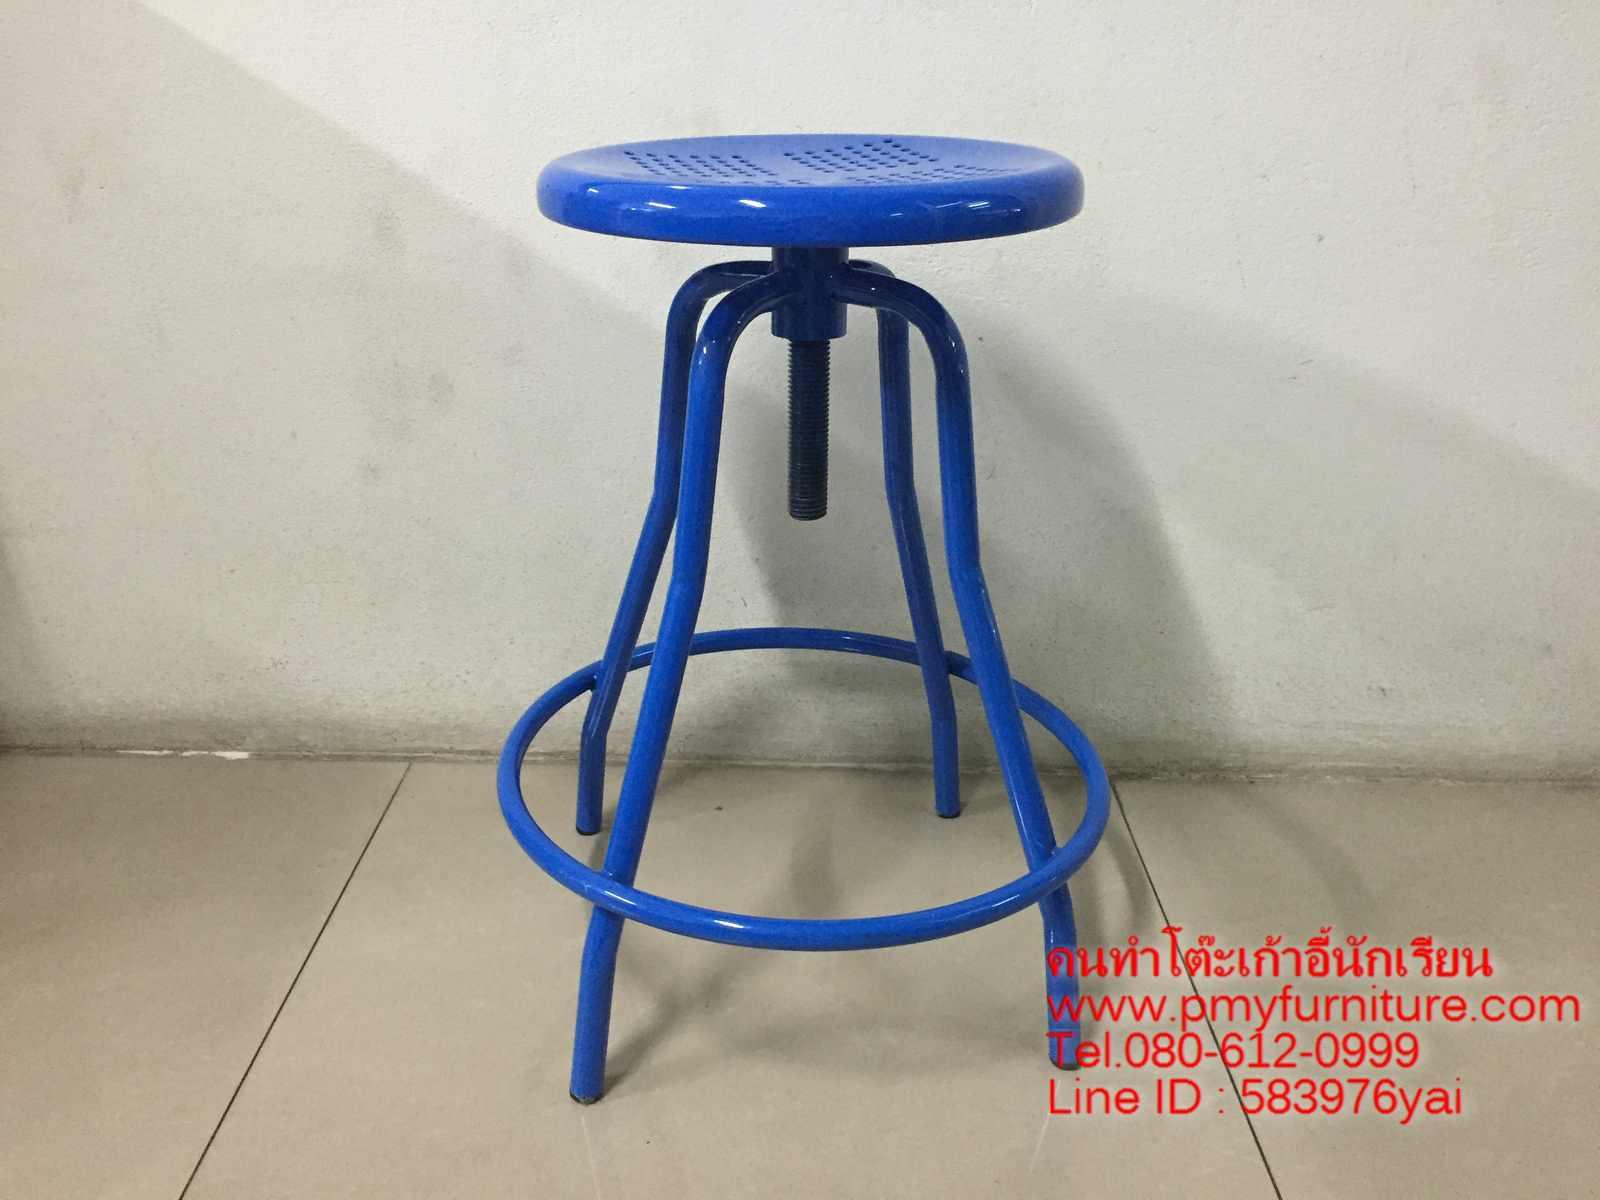 pmy4-13 เก้าอี้กลม ห้องปฎิบัติการ หน้าแป้นเหล็กกลม ขาสุ่ม